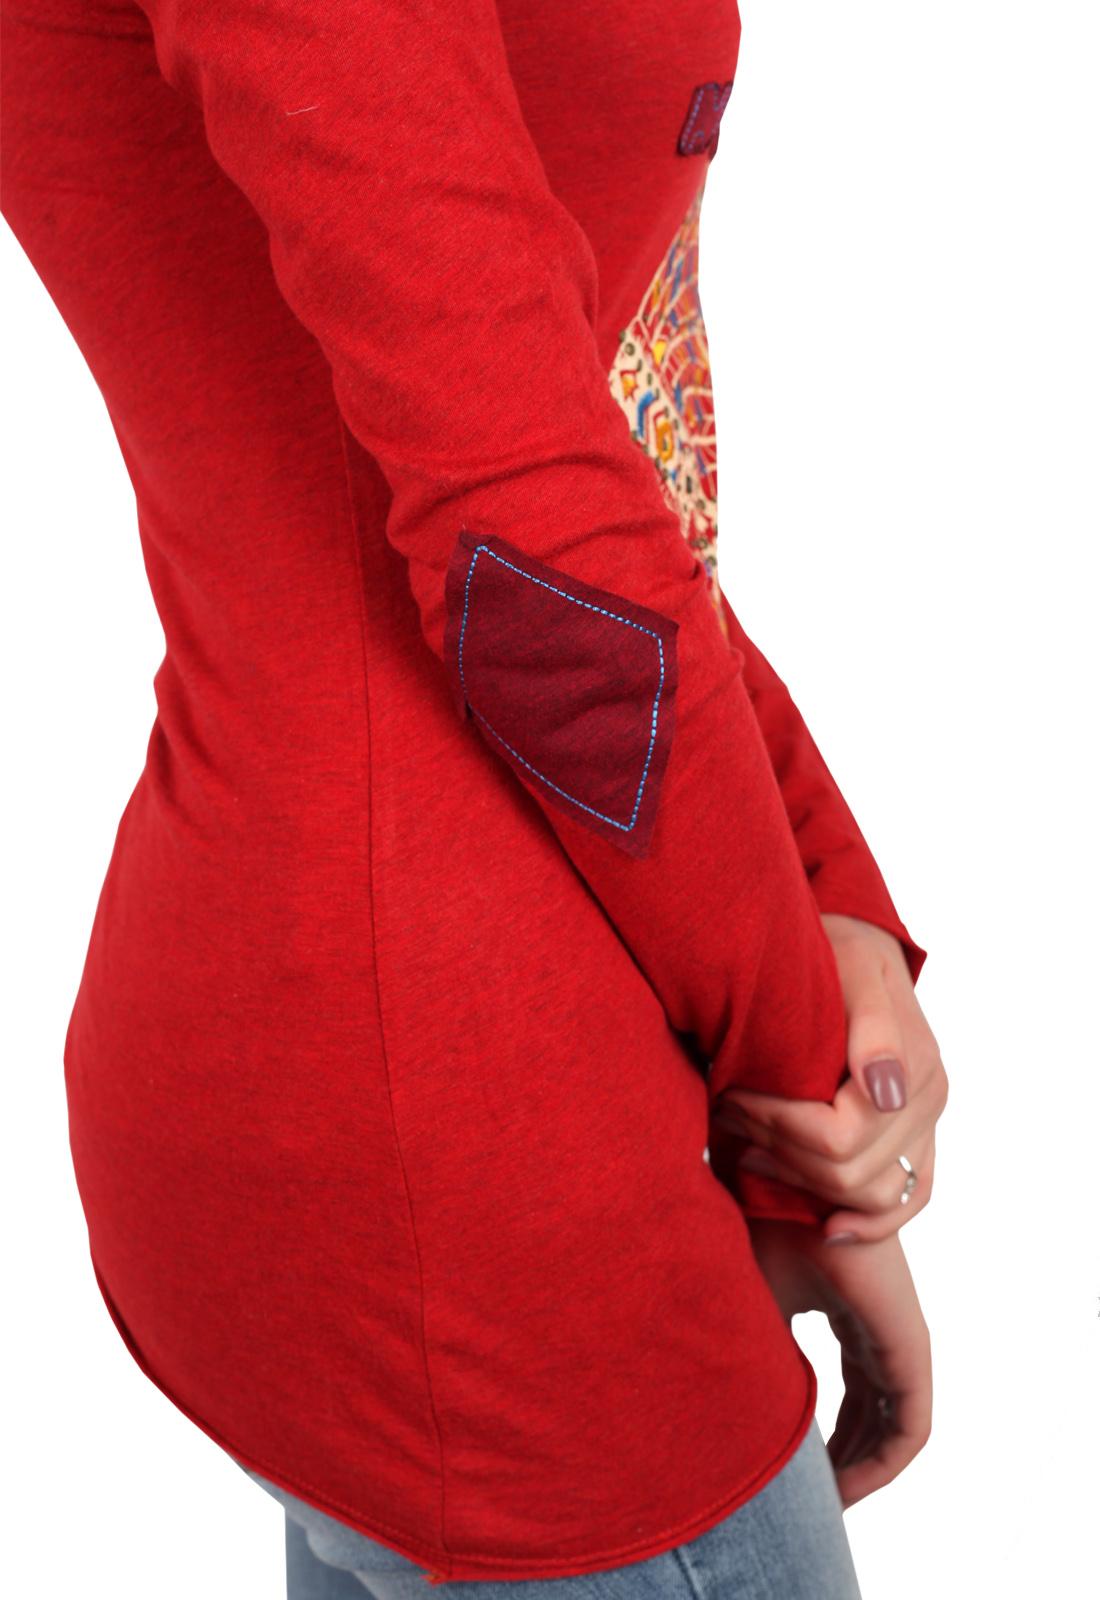 ХИТ продаж! Женственный реглан-туника с декольте и аппликациями-заплатками на локтях. Ограниченная серия от ТМ Panhandle